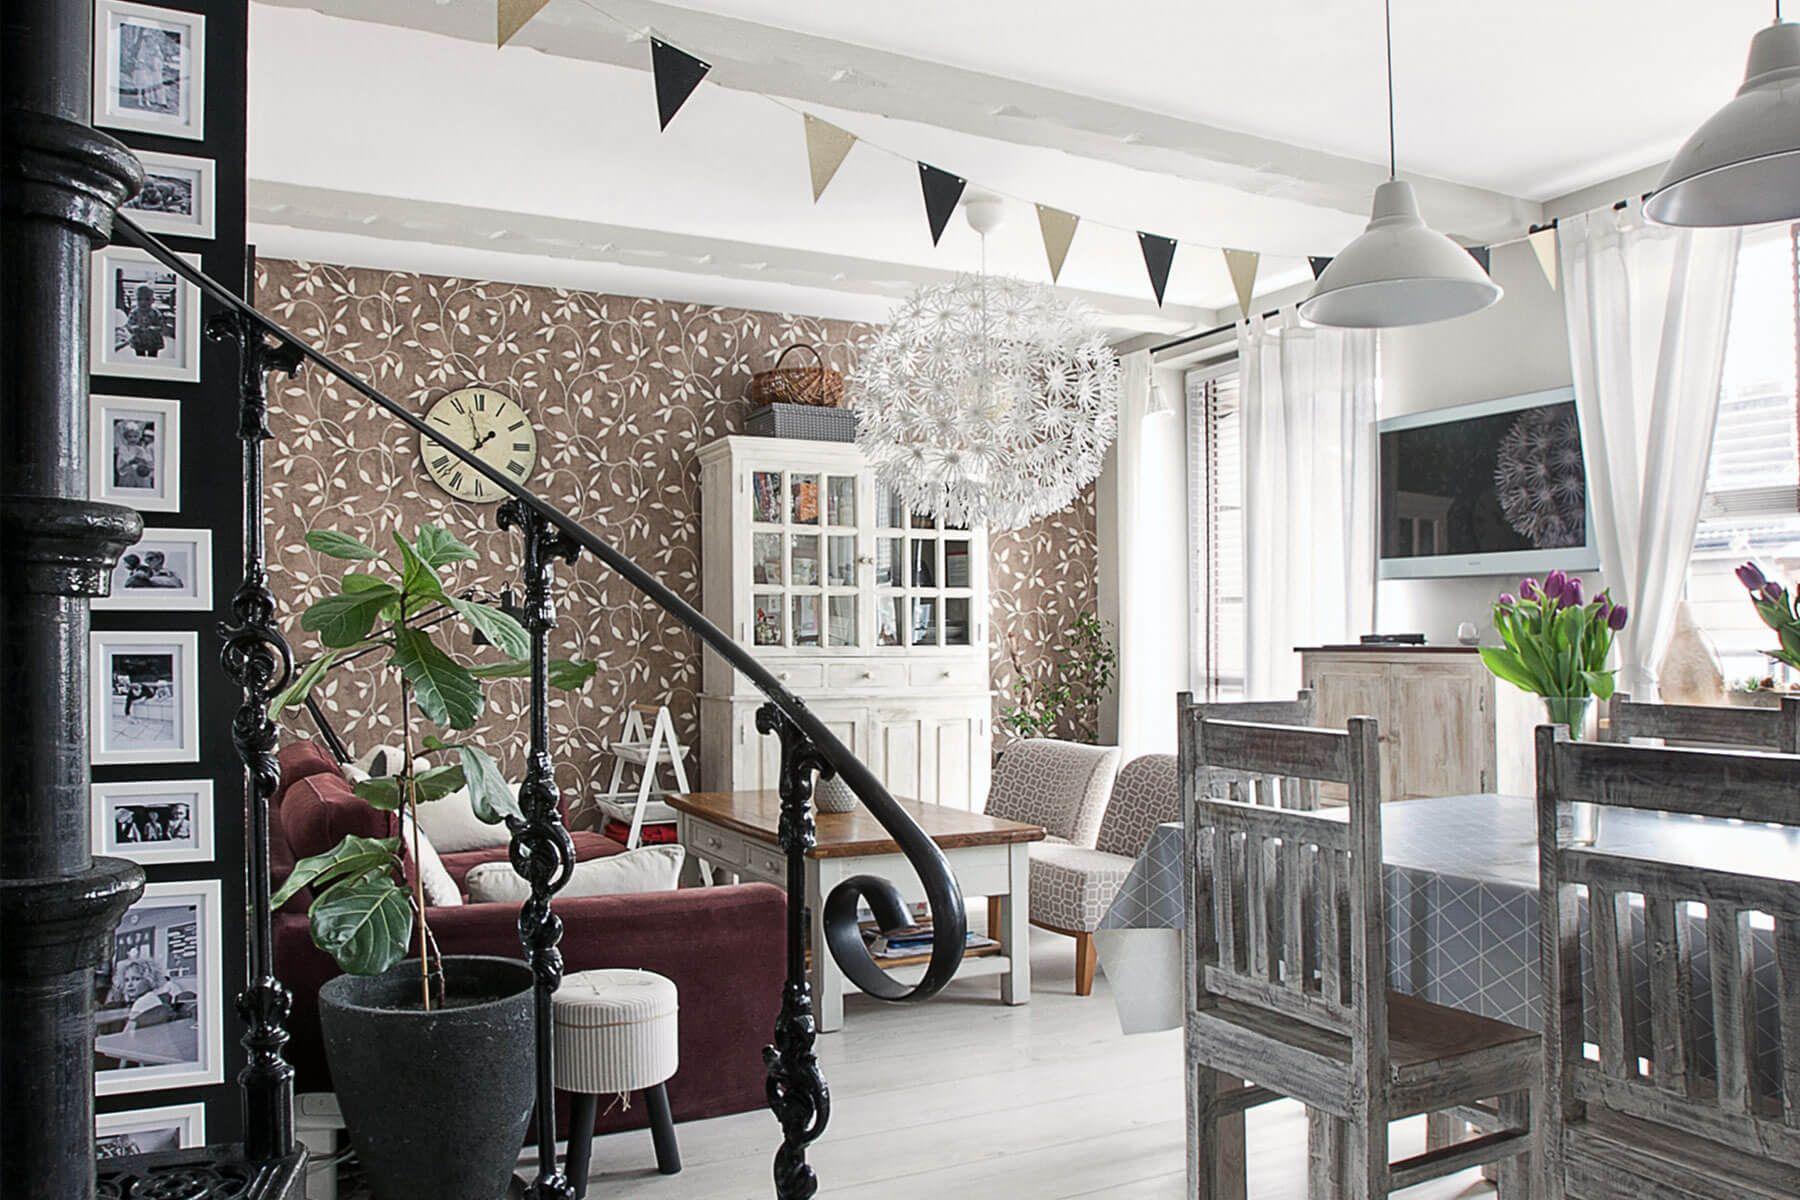 Projekty wnętrz mieszkalnych i przestrzeni komercyjnych